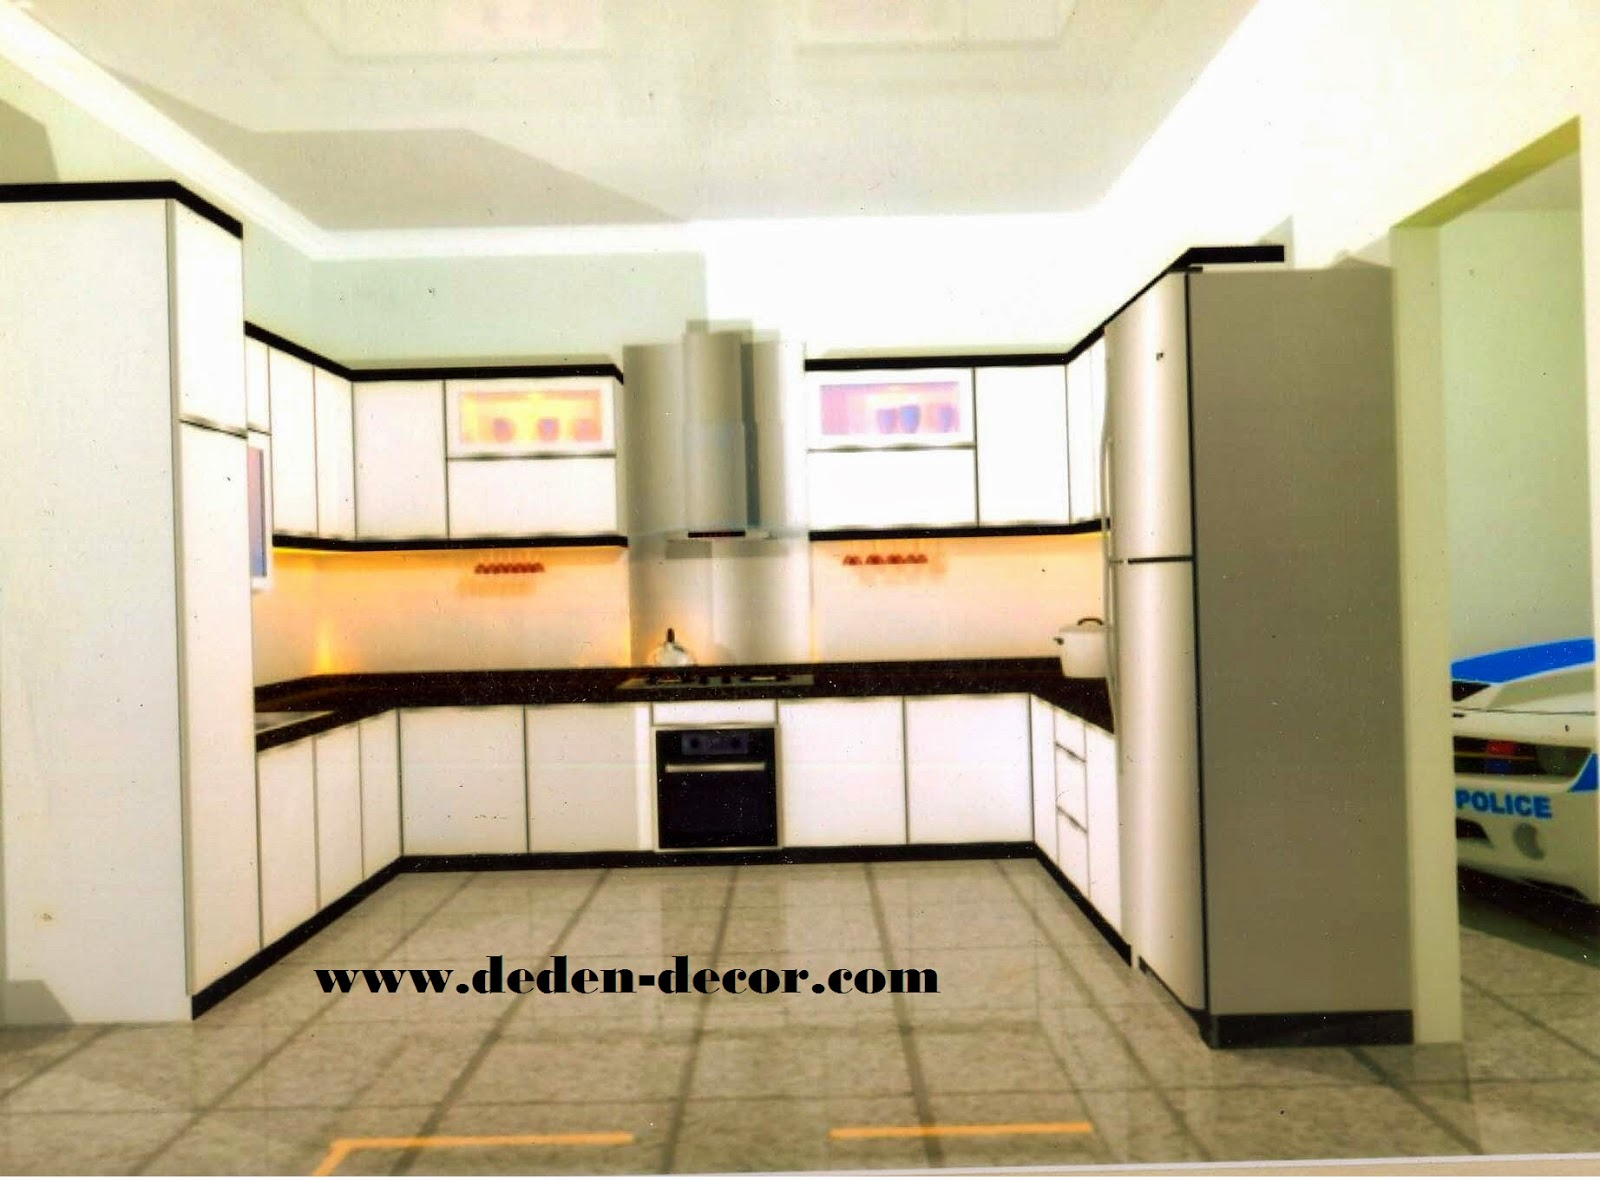 kitchen set deden decor